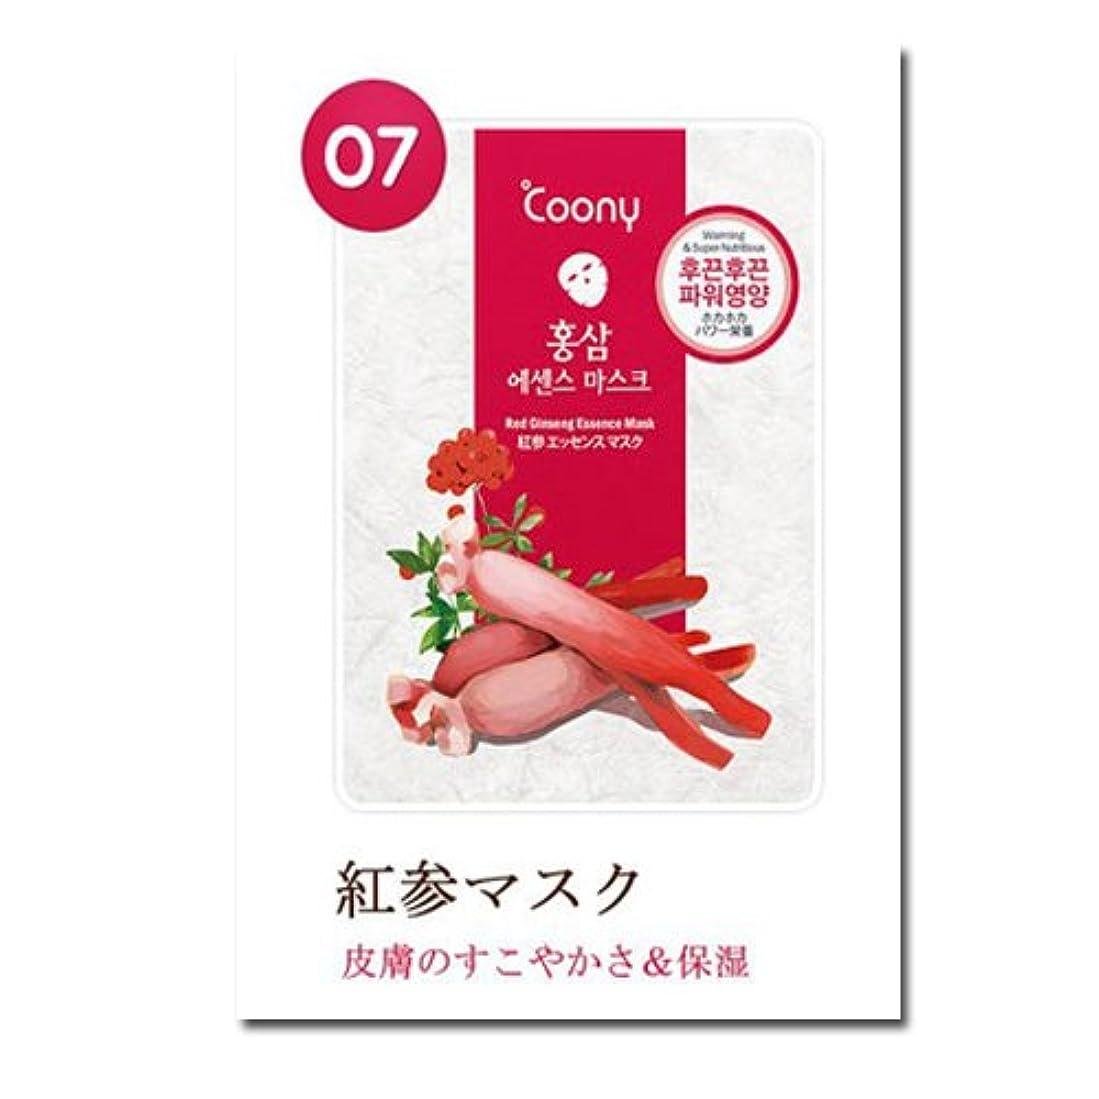 フェザーブラインドレタスcoony?韓国コスメ/潤い/乾燥肌/エッセンスマスクパック/紅参マスクパック10枚//びっくり品質